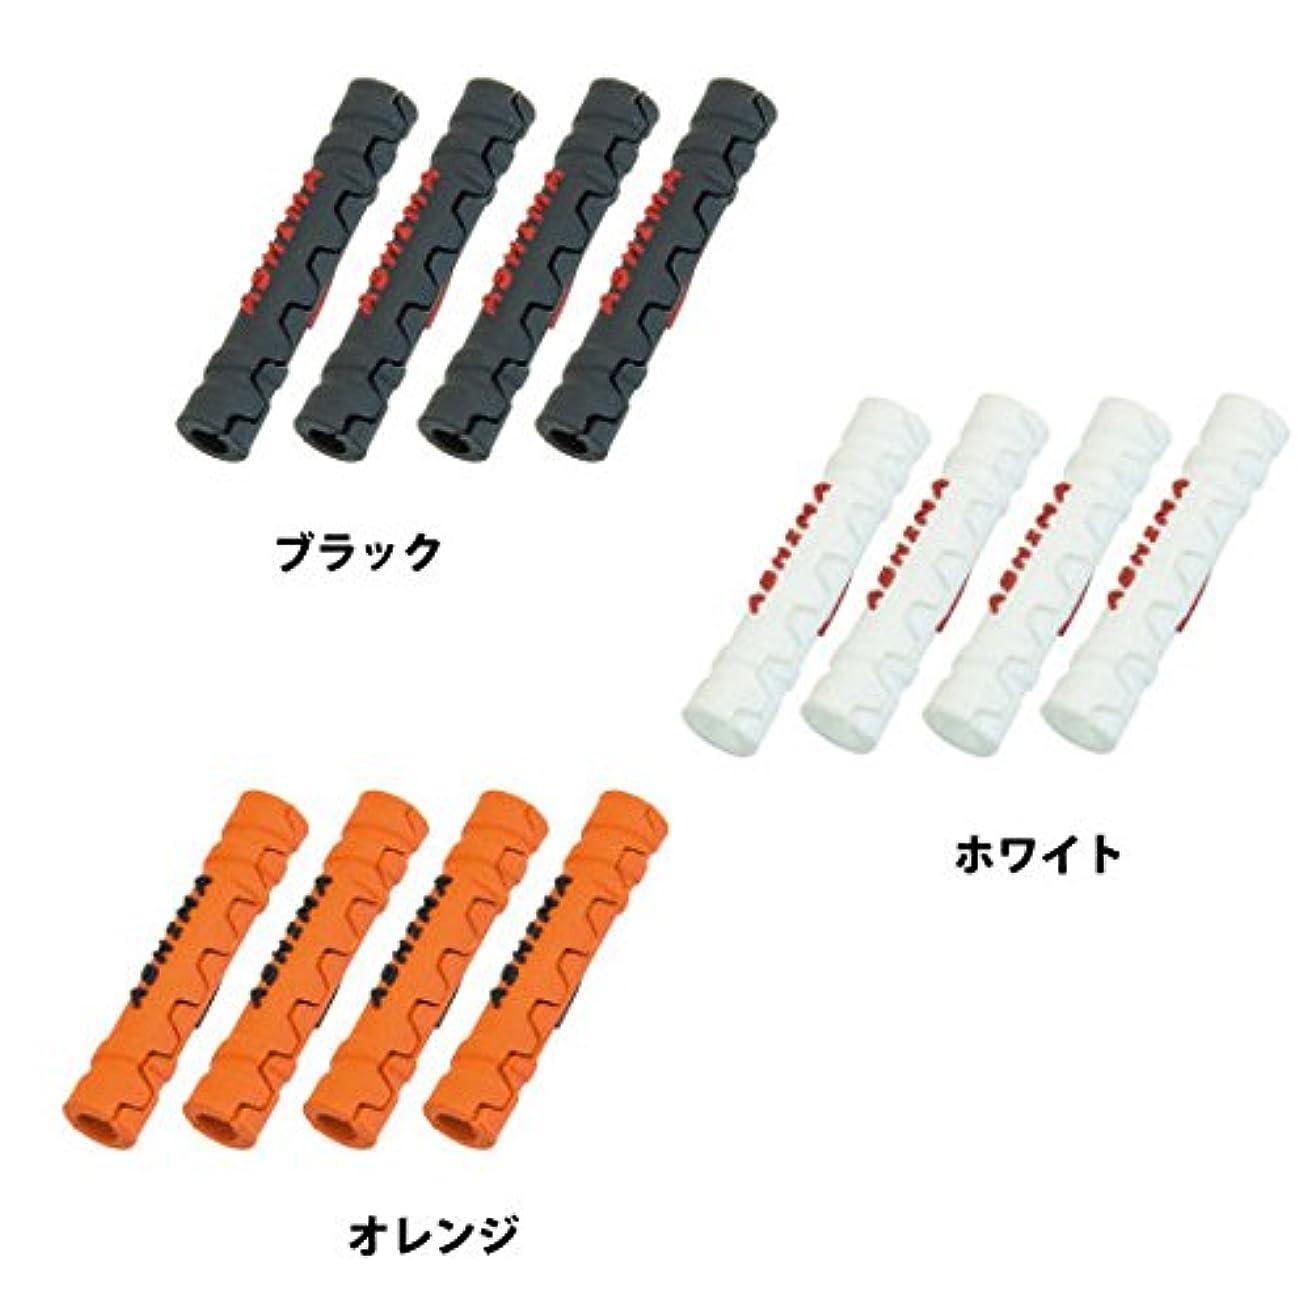 下に向けます美的幻想(アシマ/ASHIMA)(自転車用ケーブル/ワイヤー)フレーム プロテクター(4.5/5.0mm アウター用) ブラック